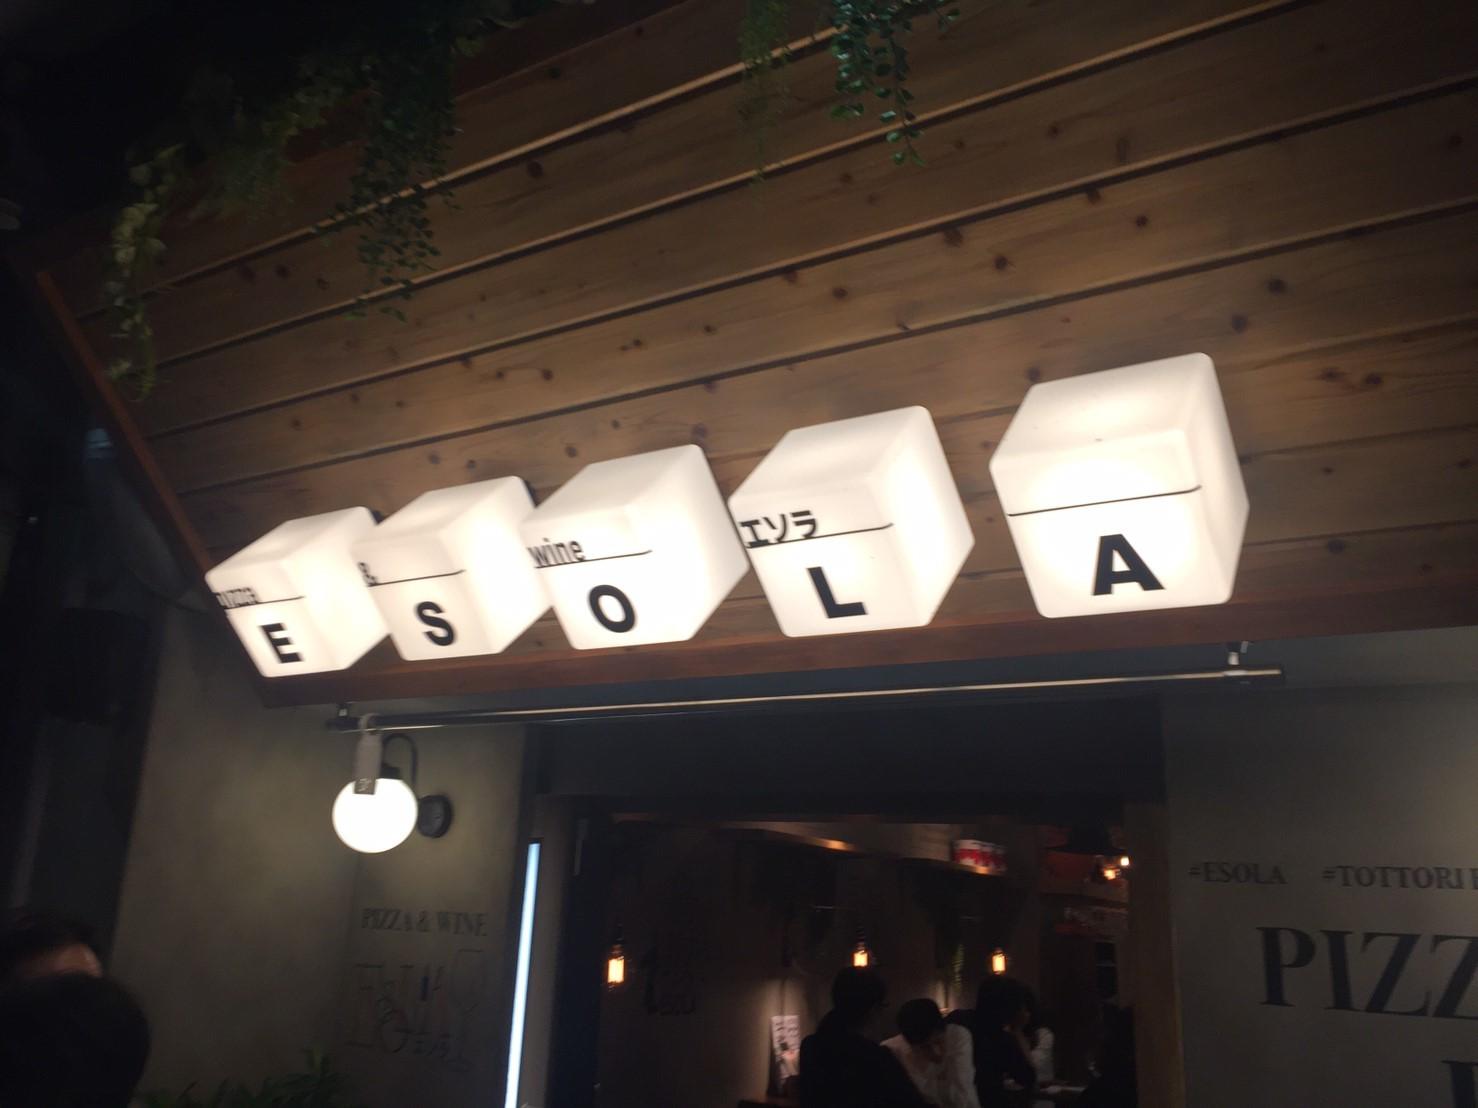 駅前ハシゴ3連荘  Pizza&Wine ESOLA_e0115904_16364119.jpg